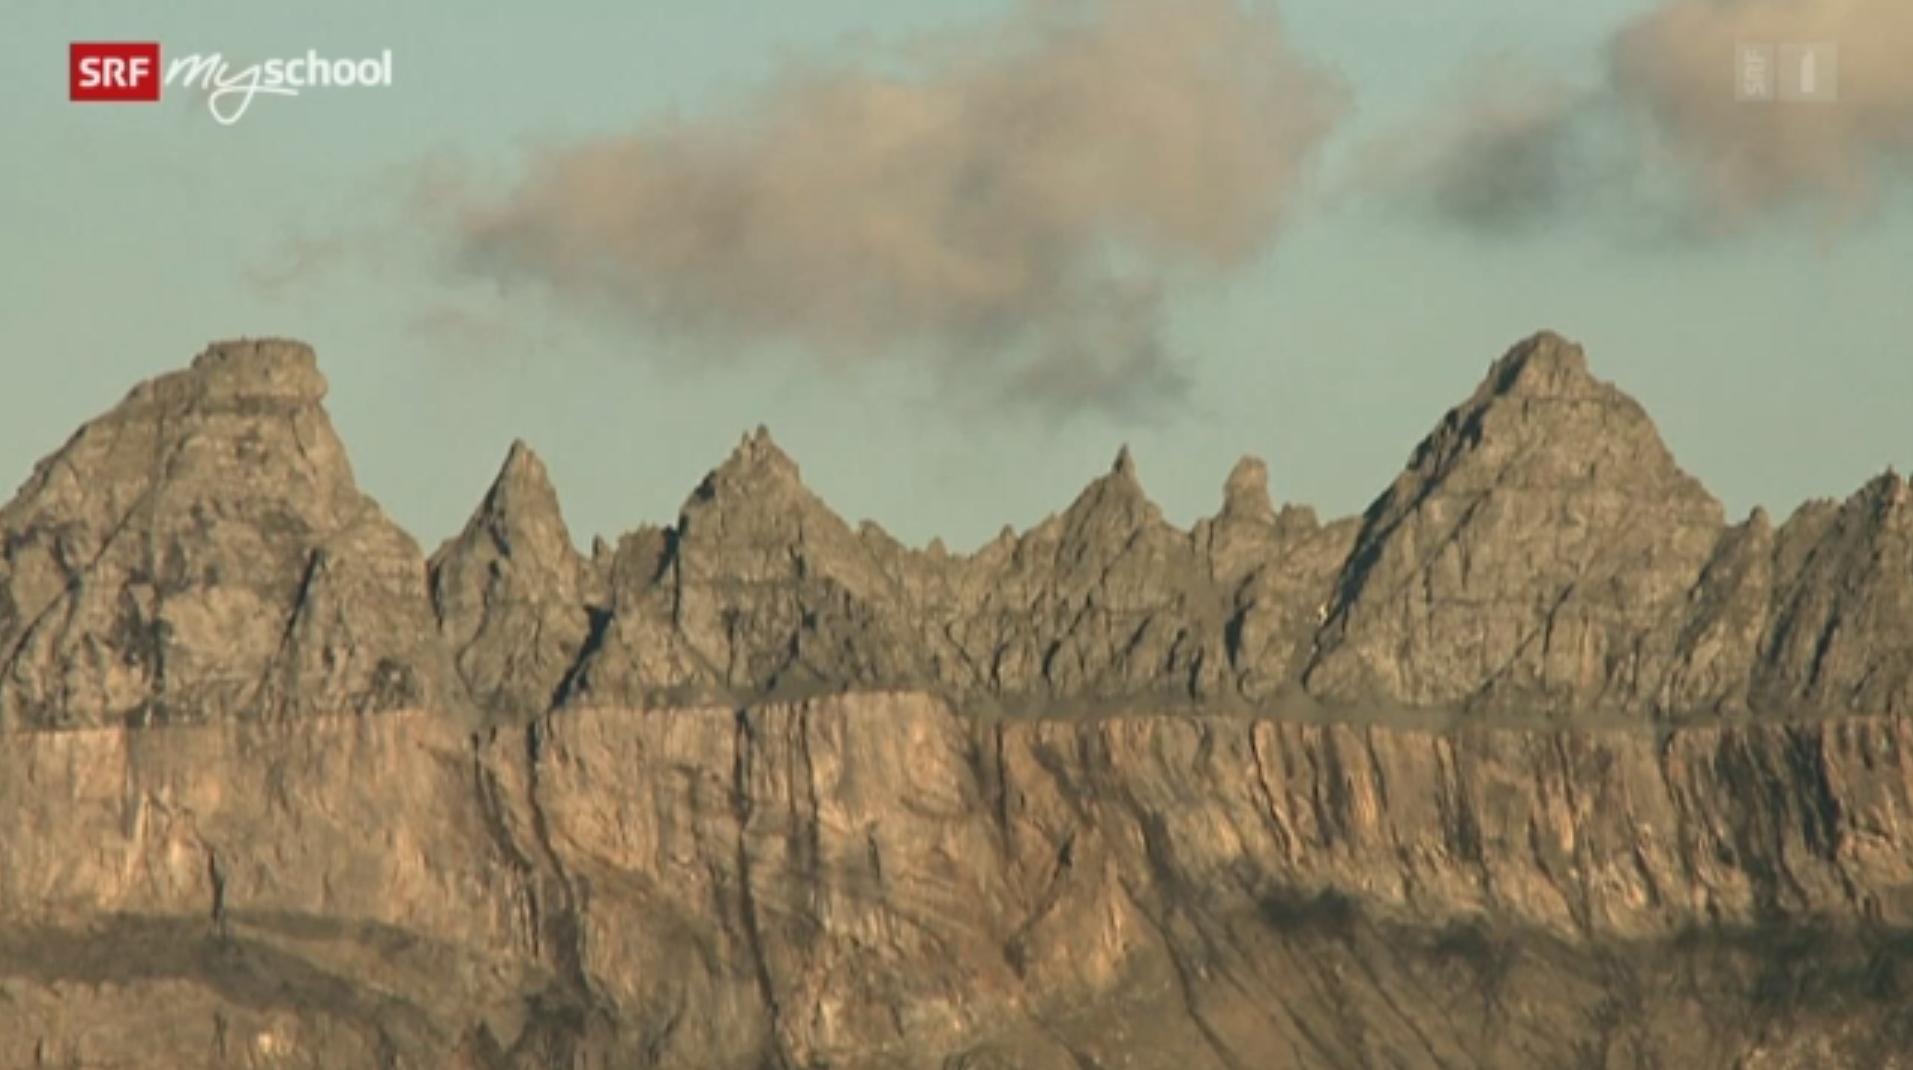 Preview image for LOM object Berge der Schweiz: Kärpf